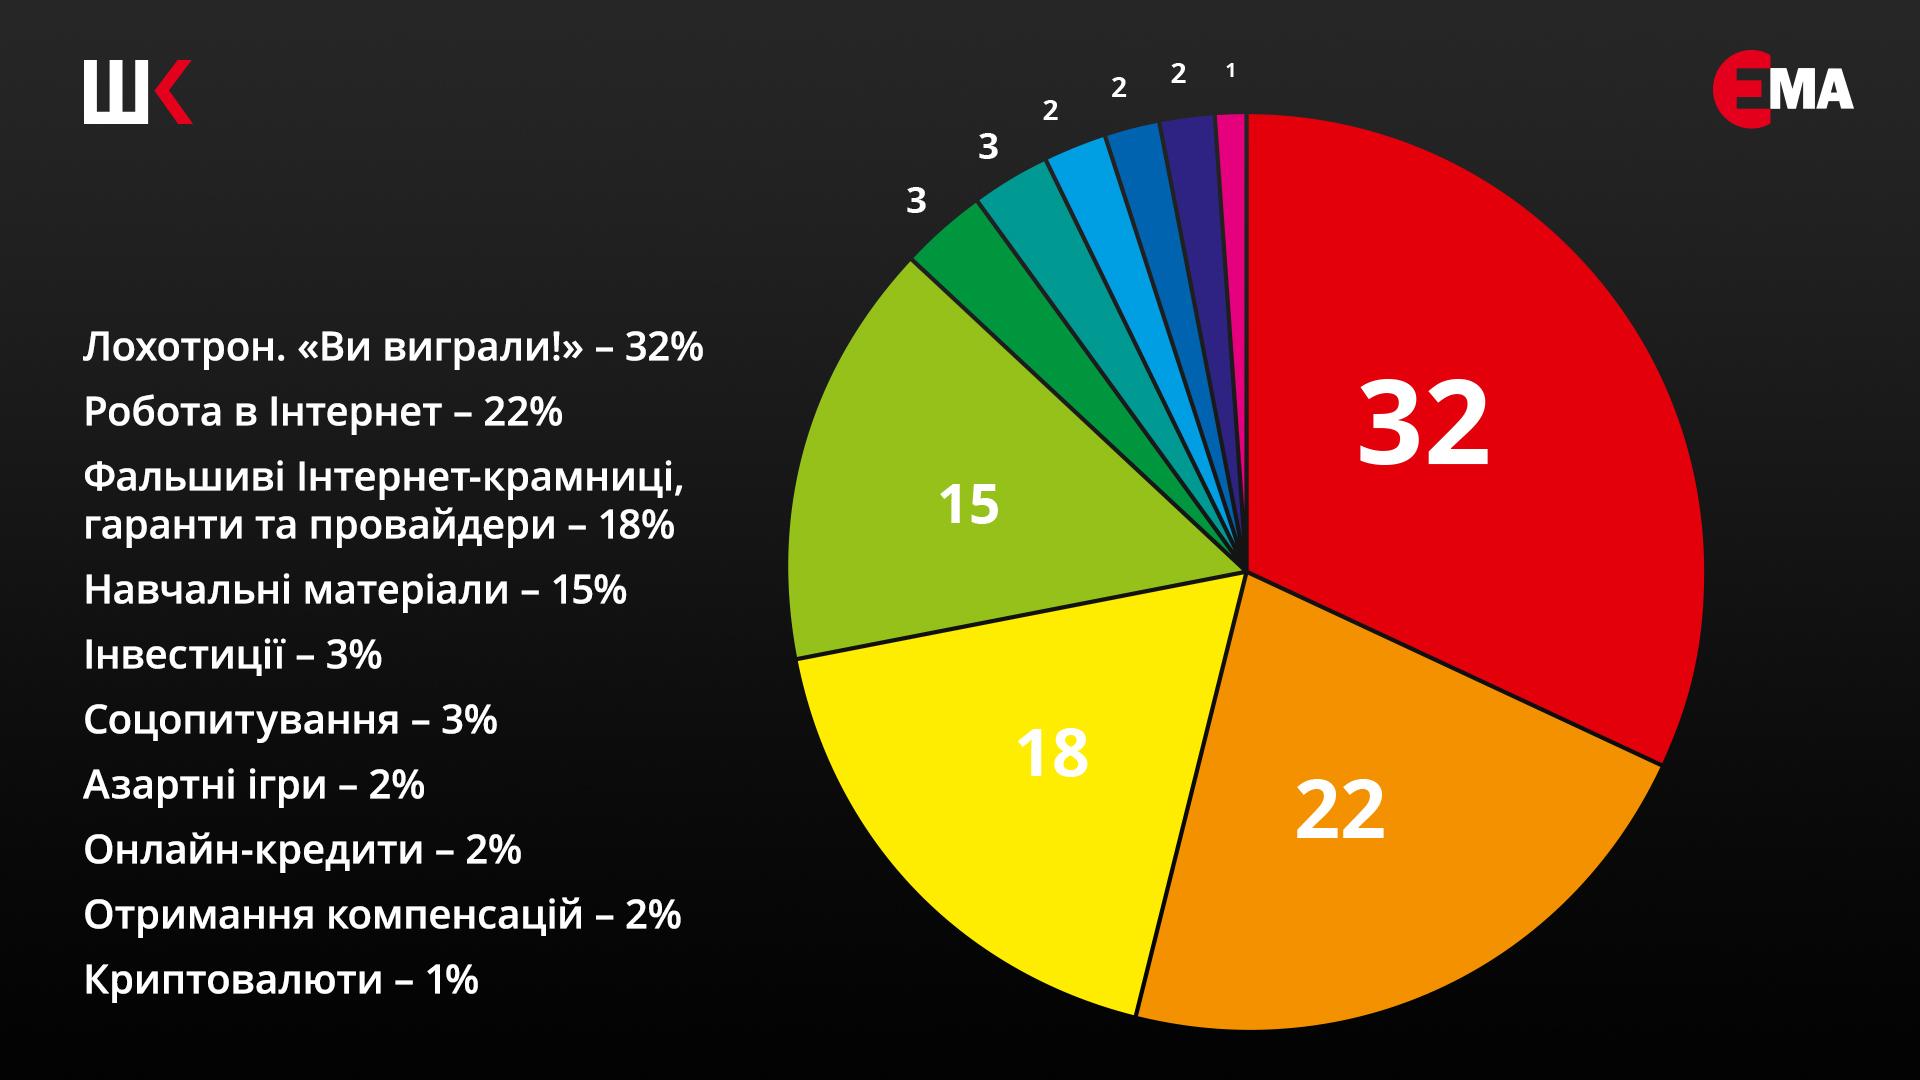 Гримаси шахрайських сайтів. Статистика